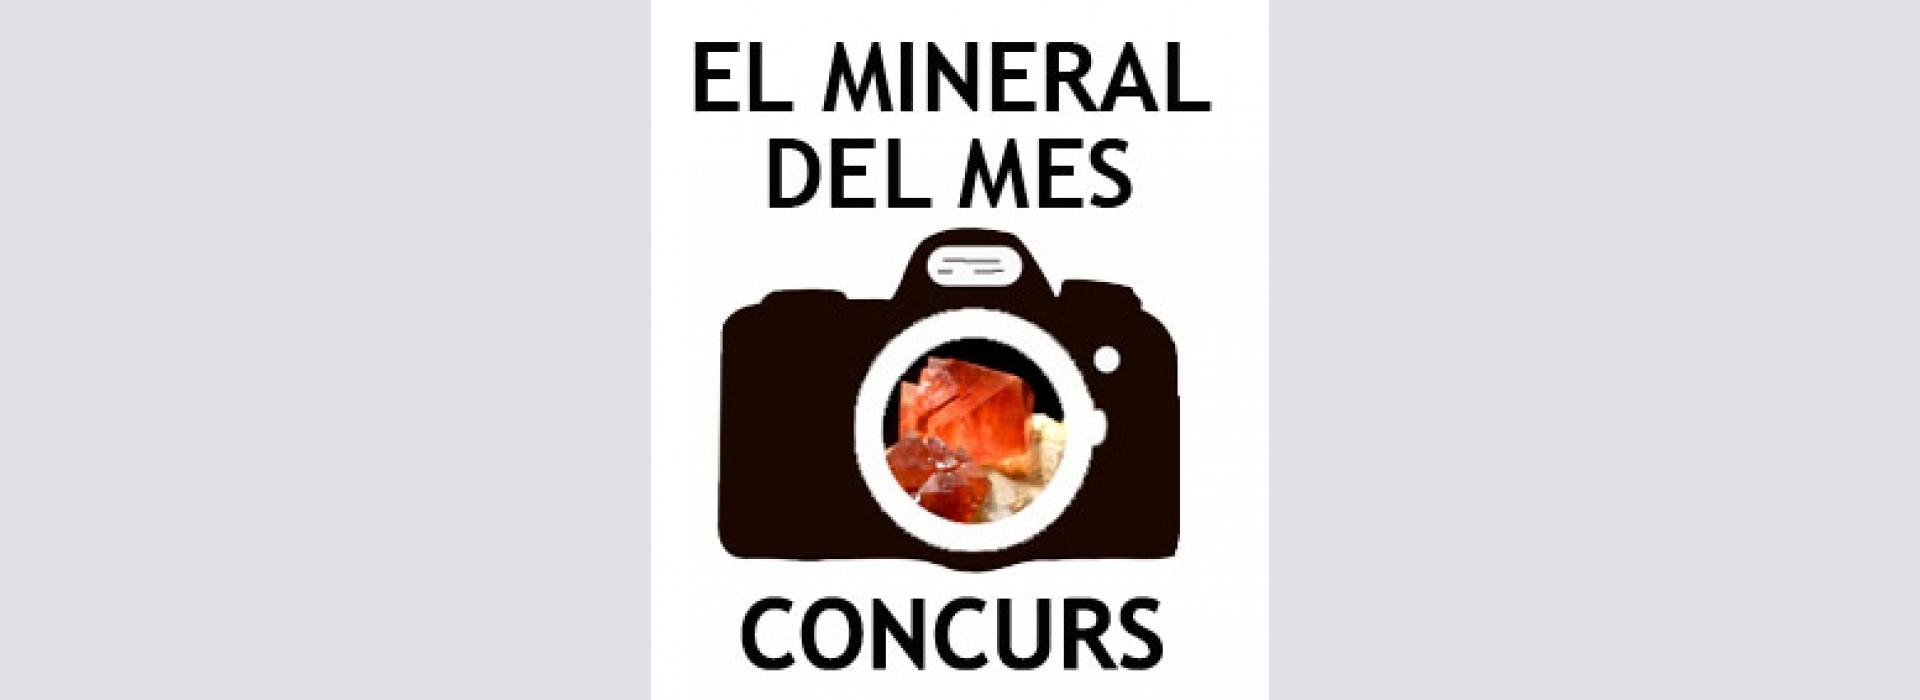 """Concurs """"El mineral del mes"""" - Març 2019."""